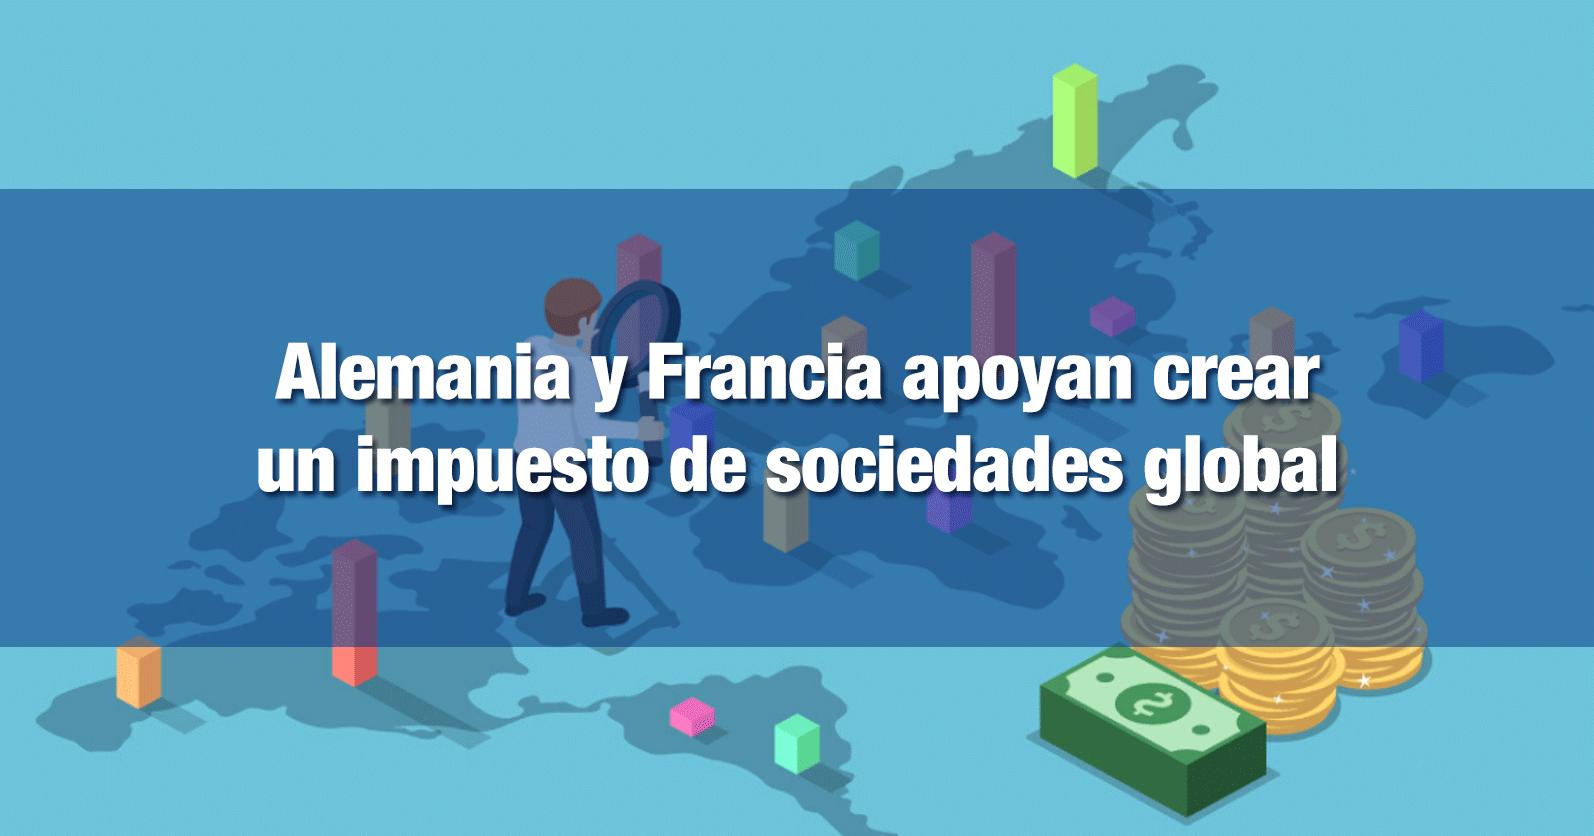 Alemania y Francia apoyan crear un impuesto de sociedades global